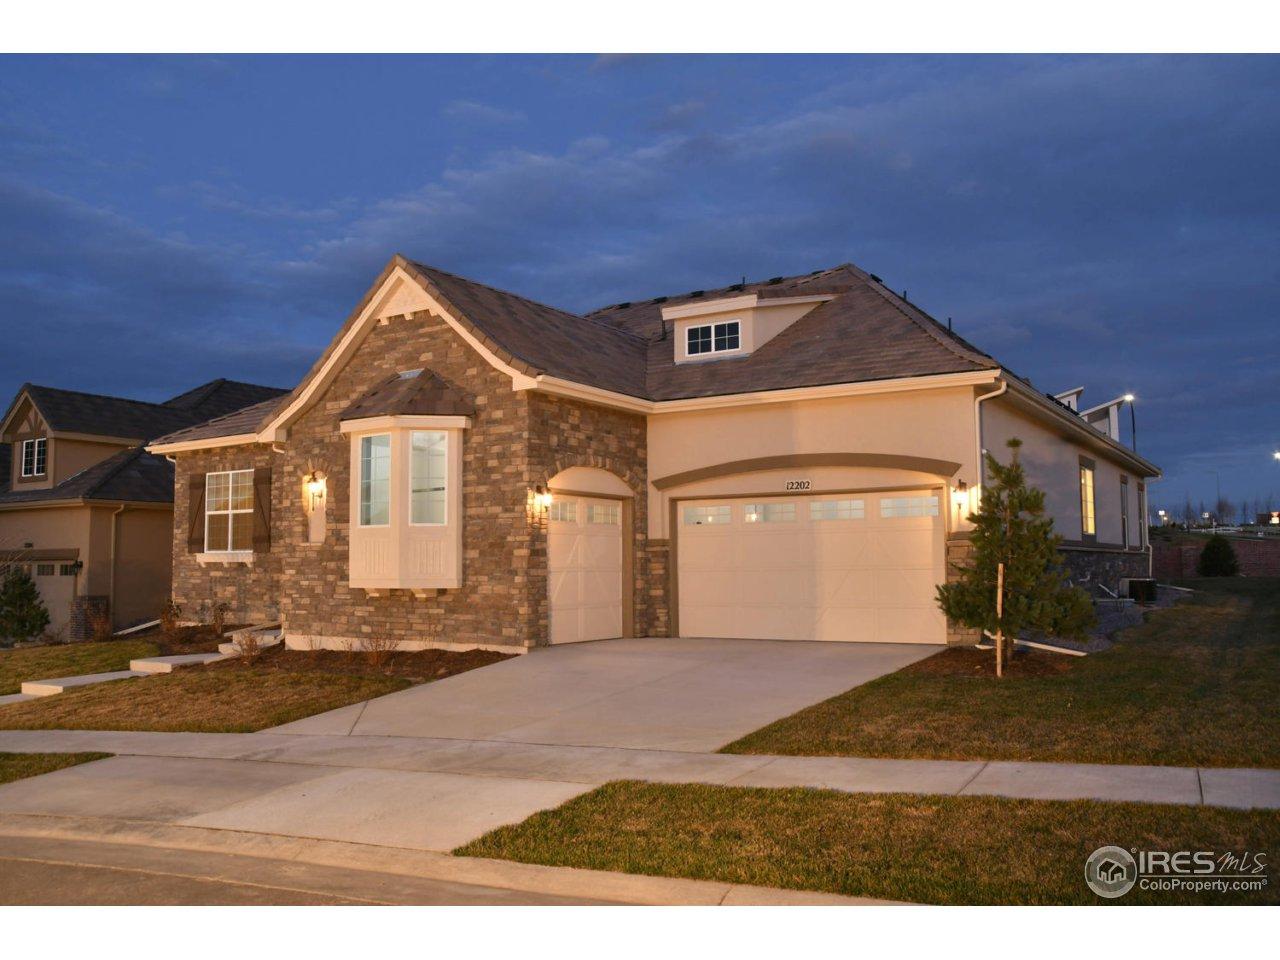 8080 Downing Dr, Denver CO 80229 - House for Sale in Denver, CO ...